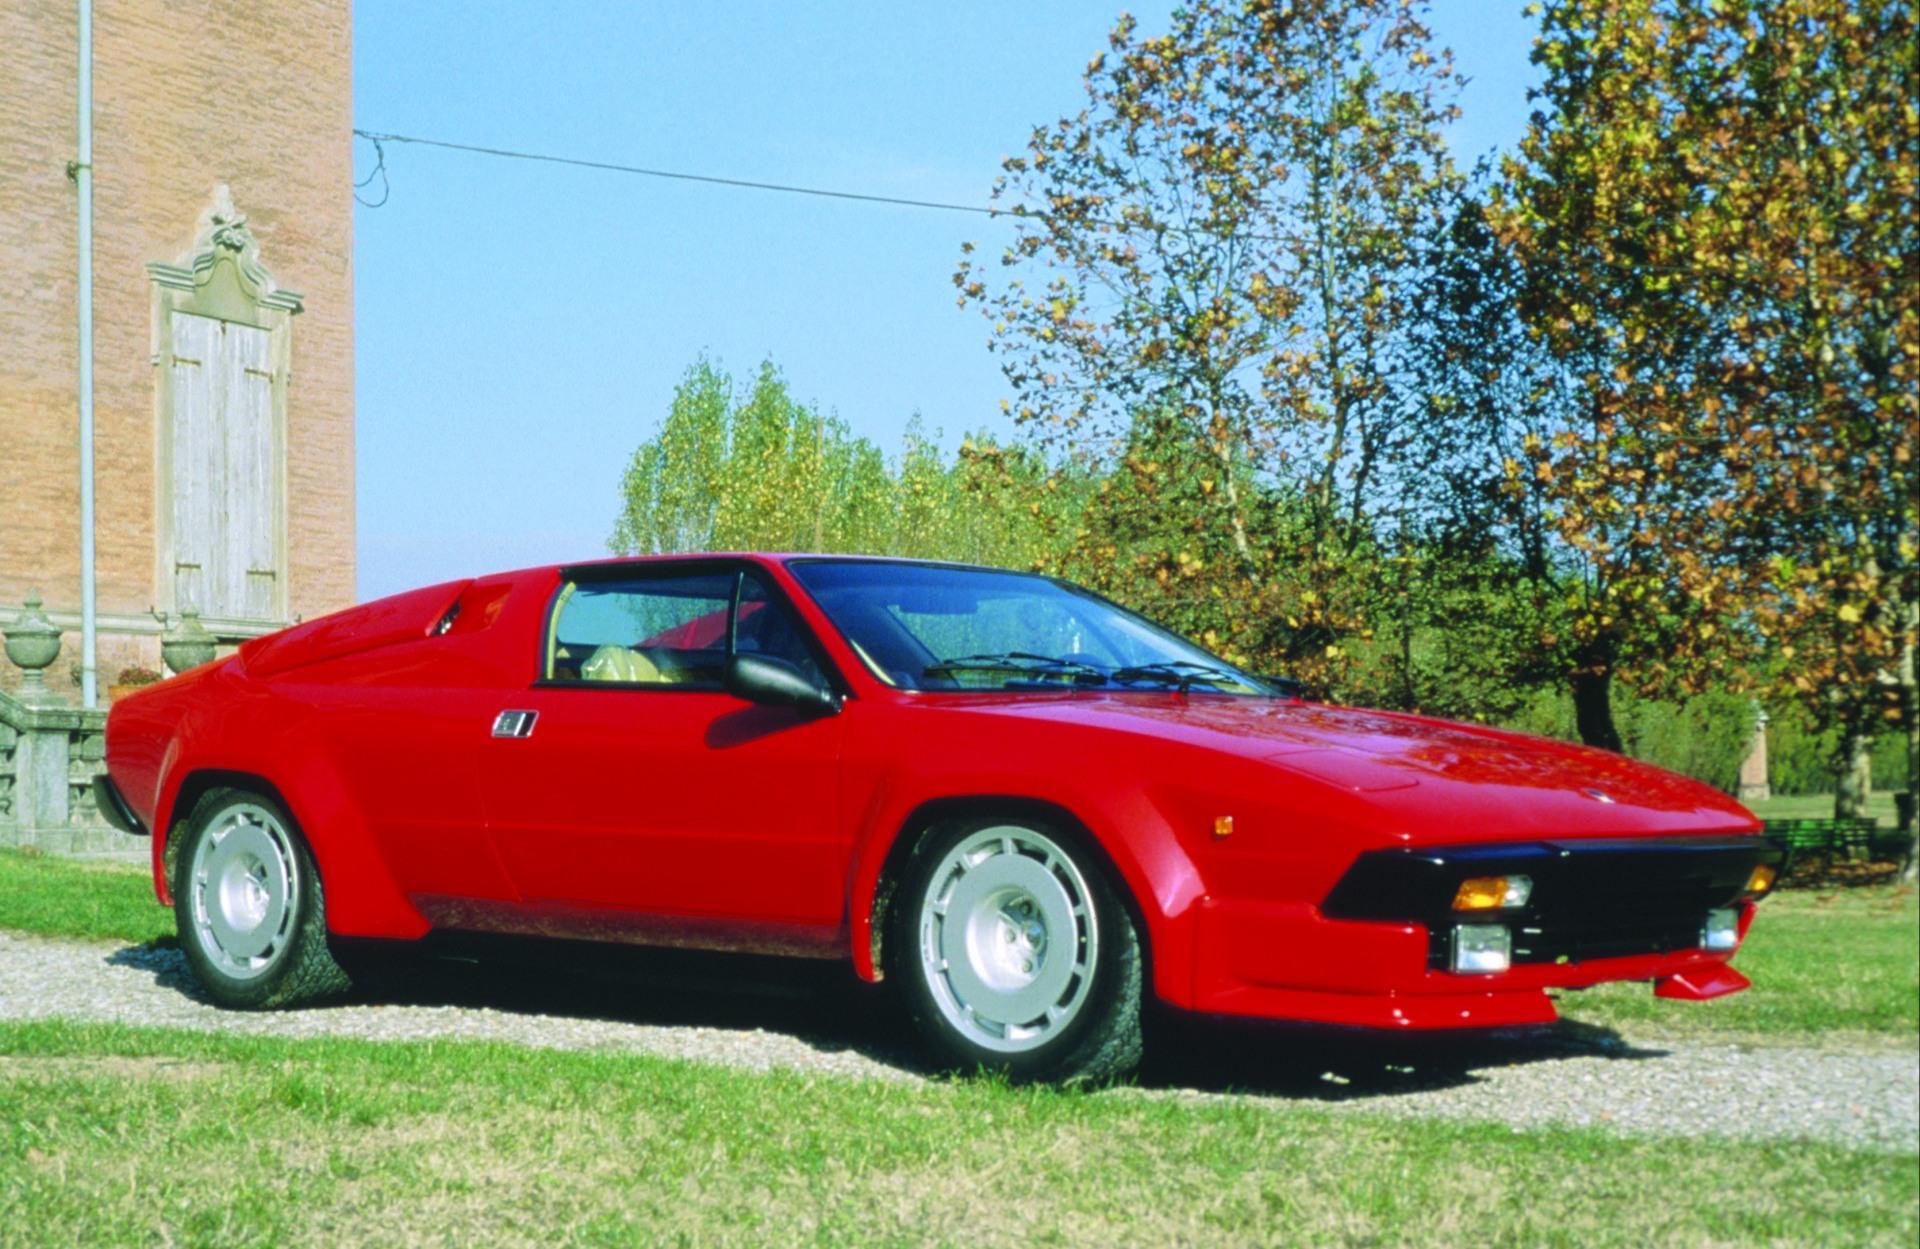 1981 Lamborghini Jalpa P350 Gts Pictures History Value